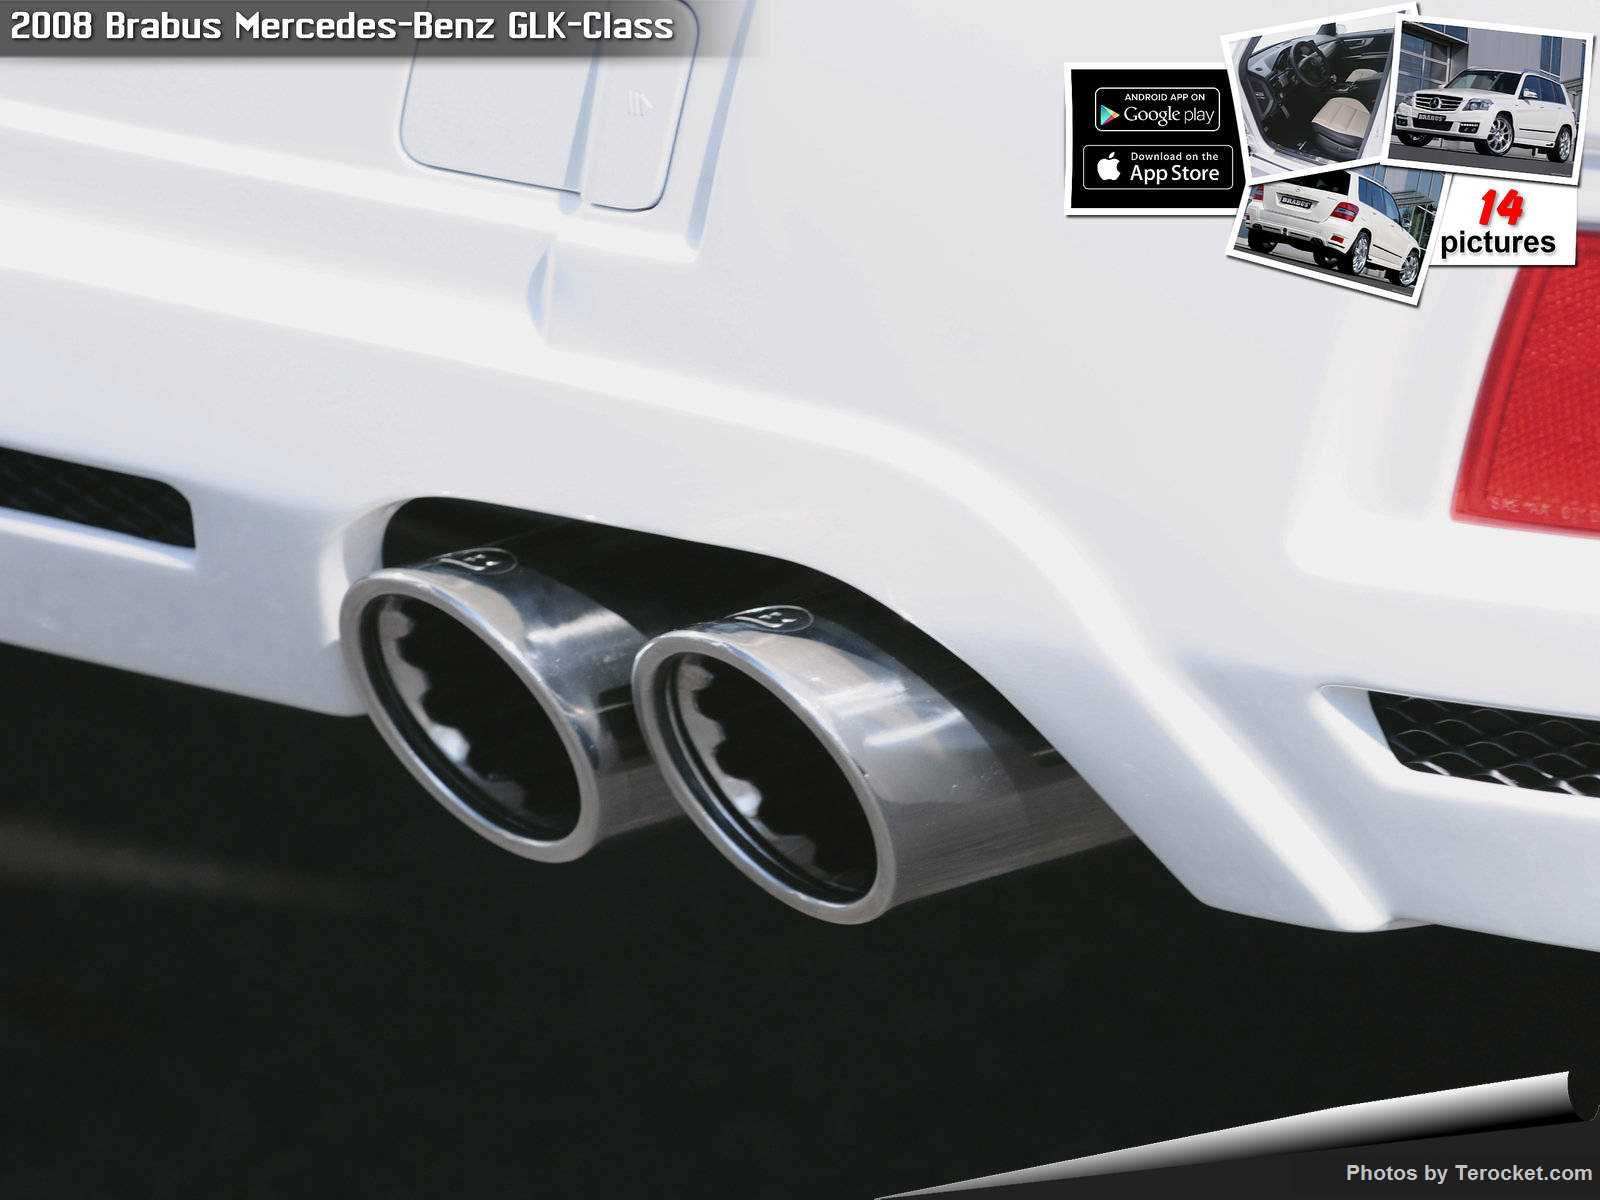 Hình ảnh xe ô tô Brabus Mercedes-Benz GLK-Class 2008 & nội ngoại thất